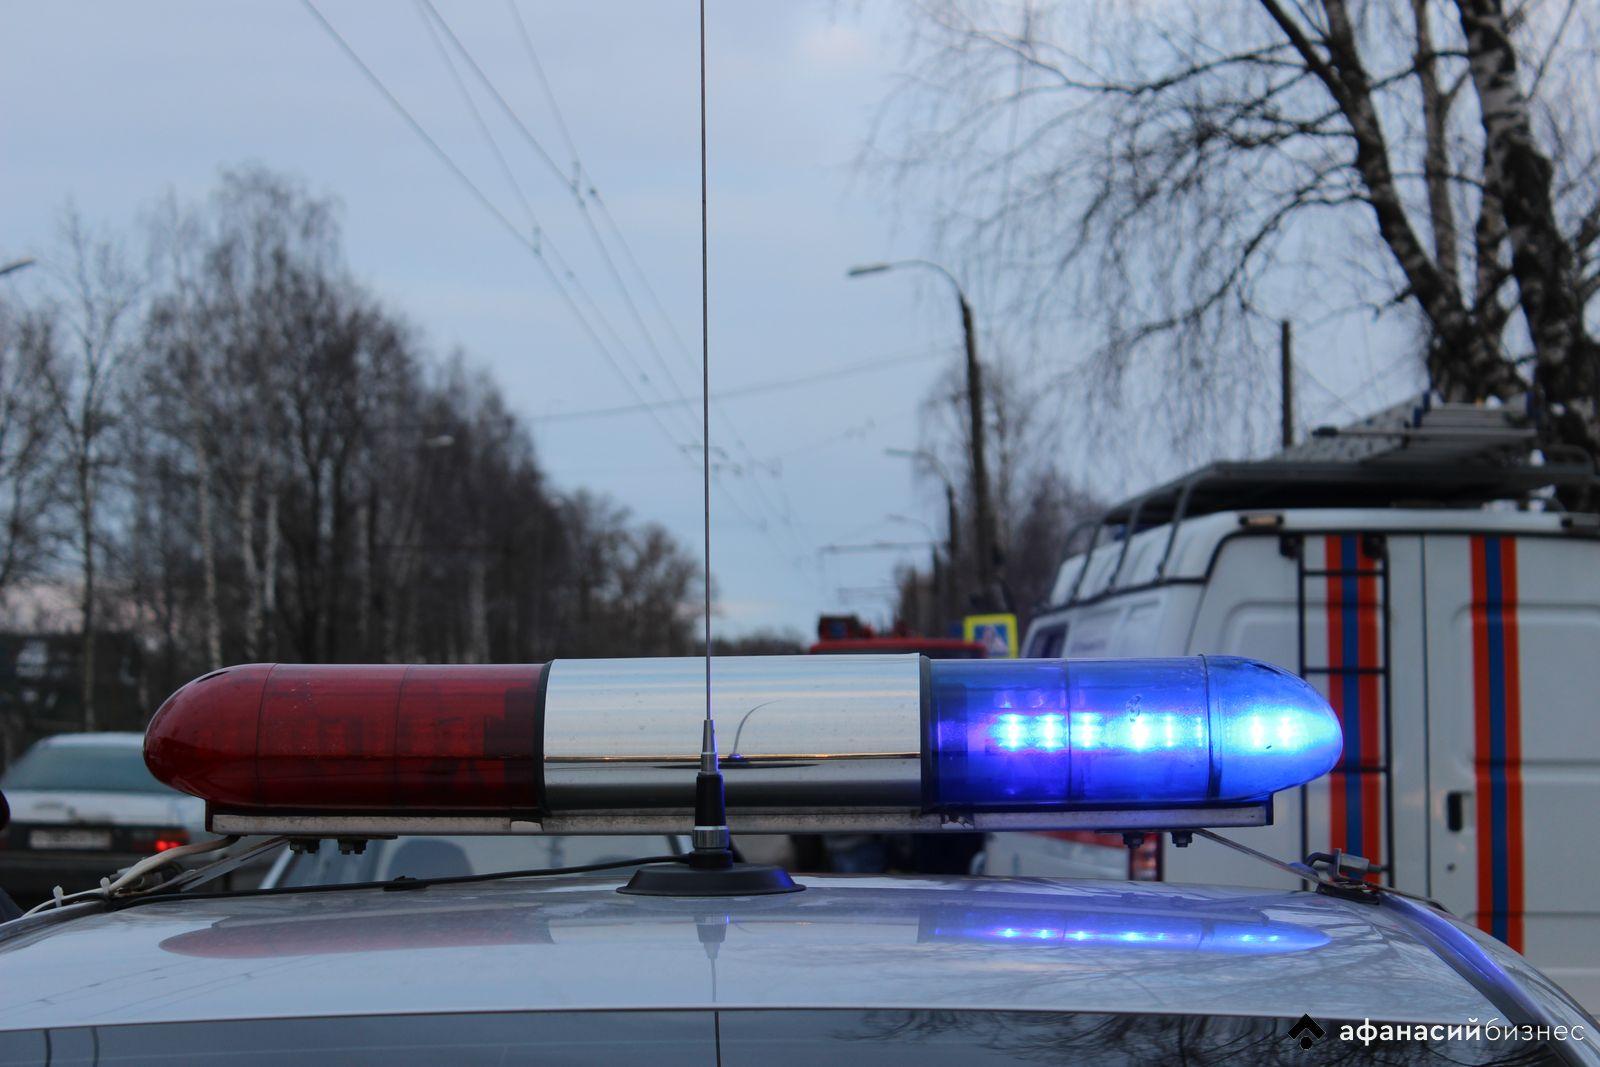 Под Тверью на трассе М10 перевернулся грузовик, на месте аварии работали спасатели - новости Афанасий